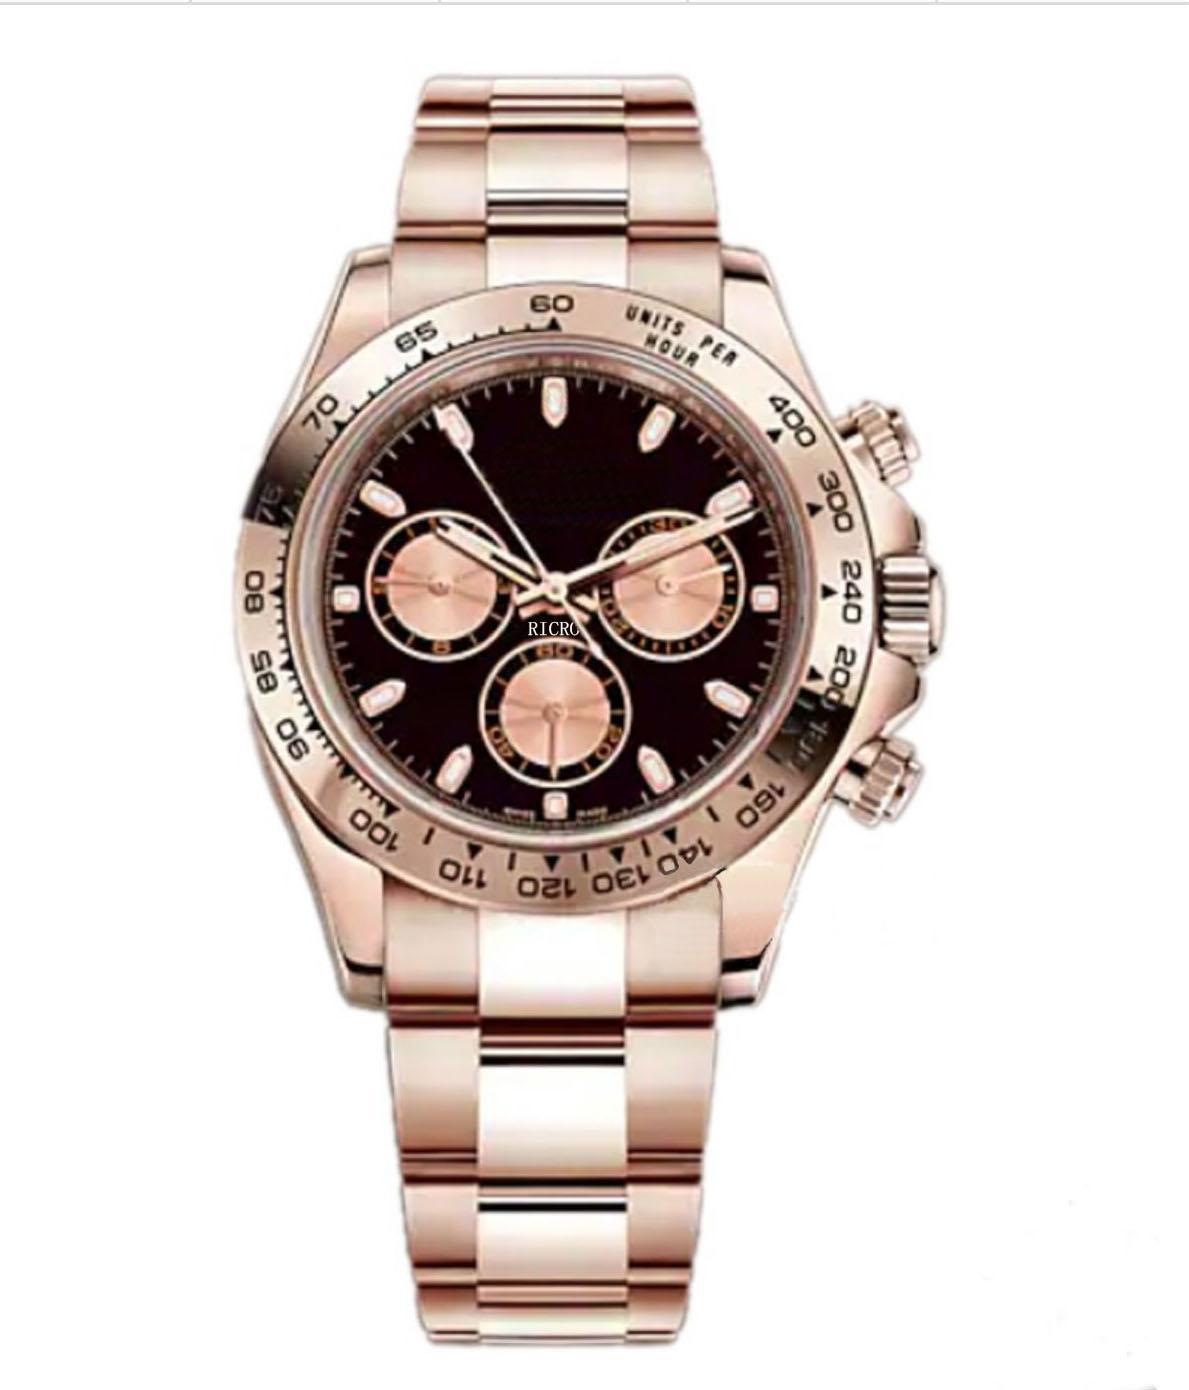 시계, 마스터 디자인, 남성 스포츠 스타일, 자동 운동, 로즈 골드 스테인레스 스틸 케이스, 접이식 버클, 도매 및 소매